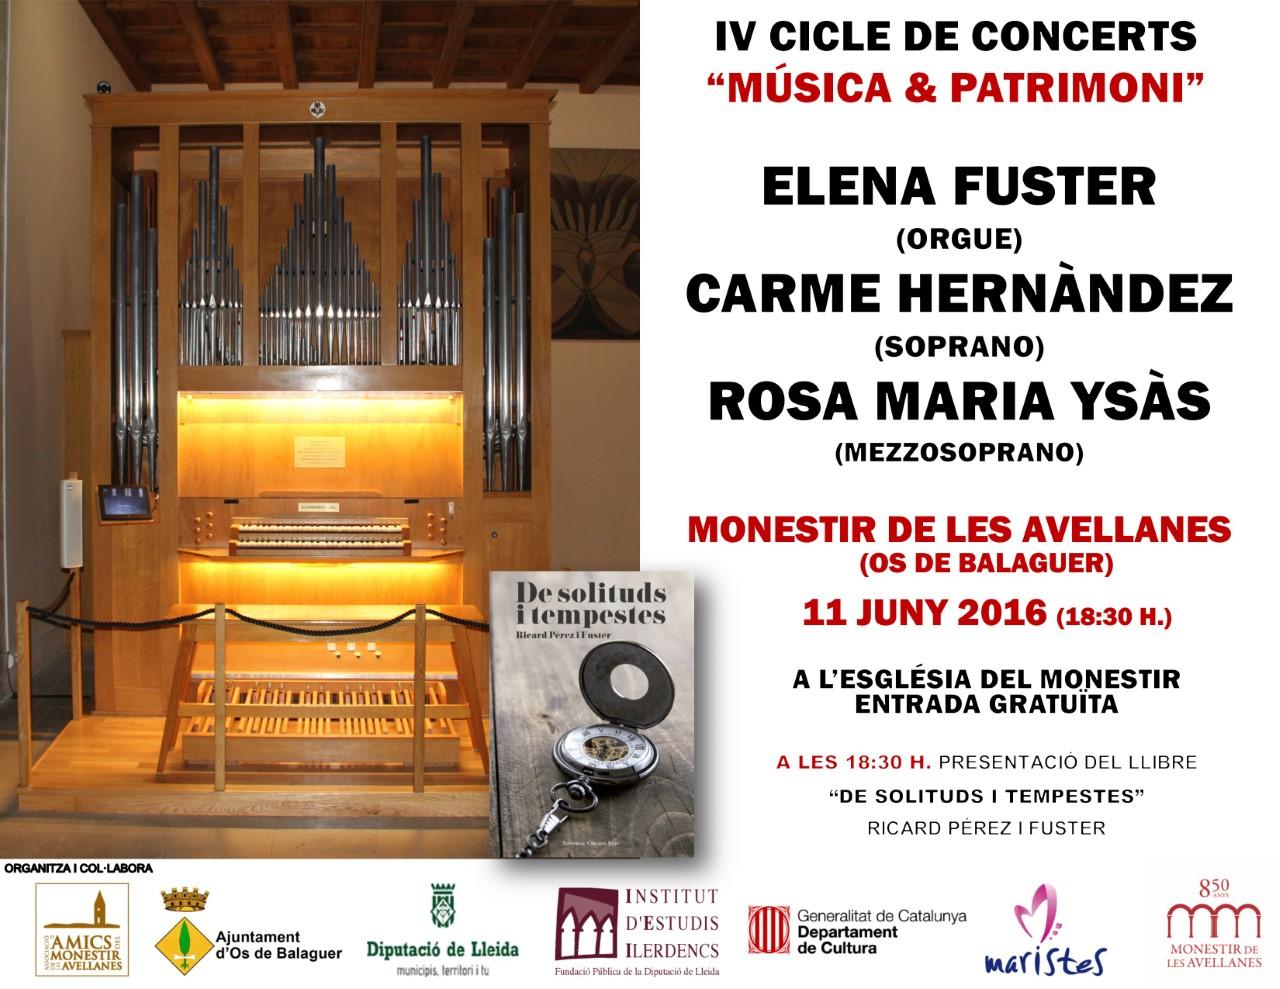 MONESTIR DE LES AVELLANES 11/06/2016